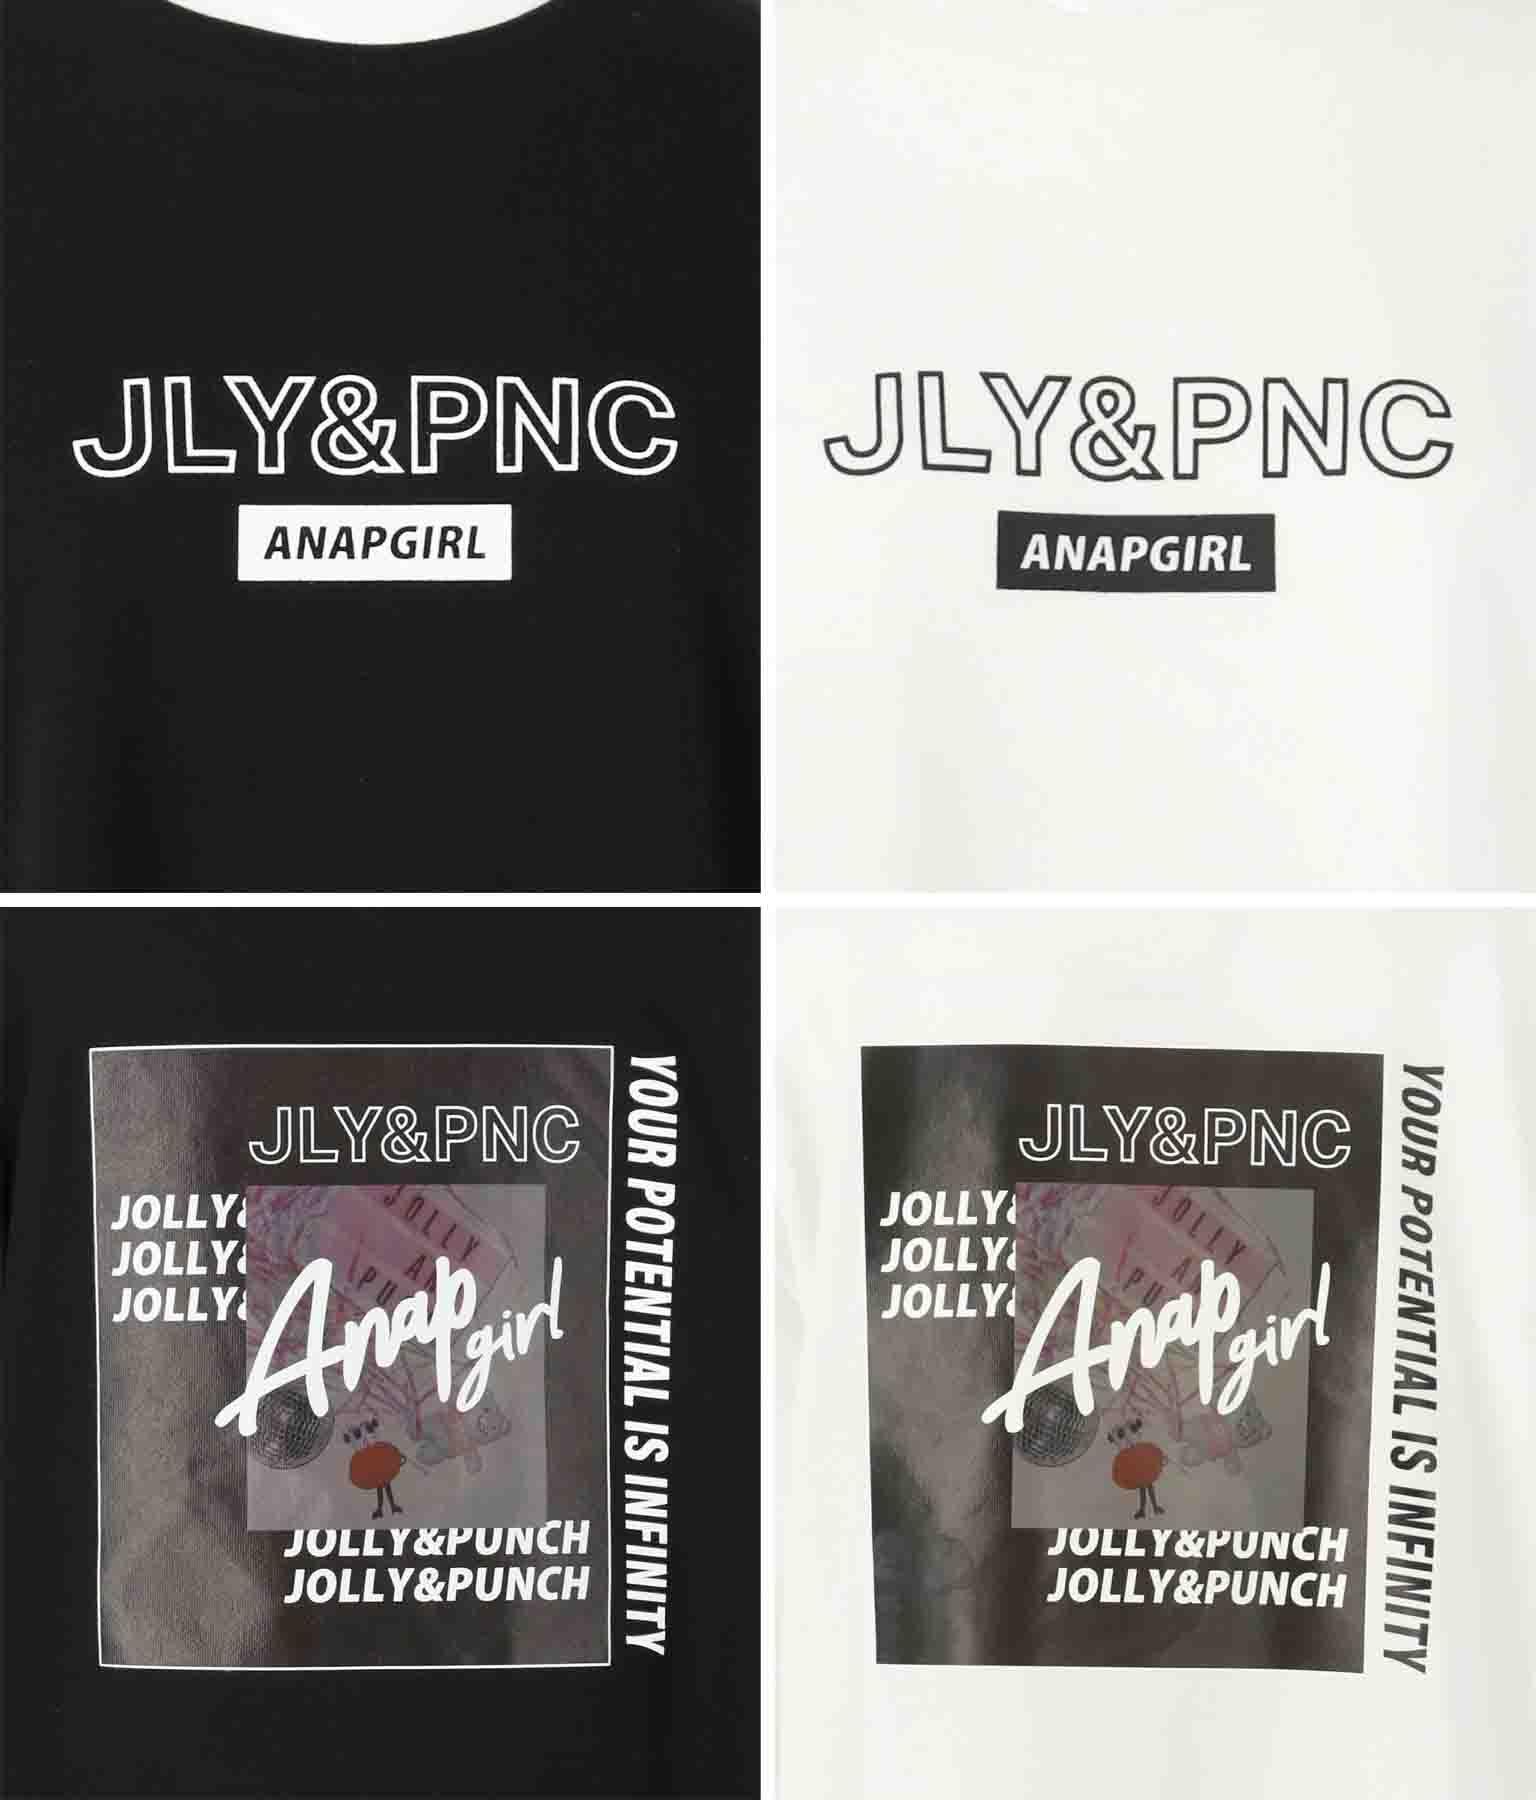 ジョリー&パンチBIGトップス(トップス/スウェット・トレーナー) | ANAP GiRL